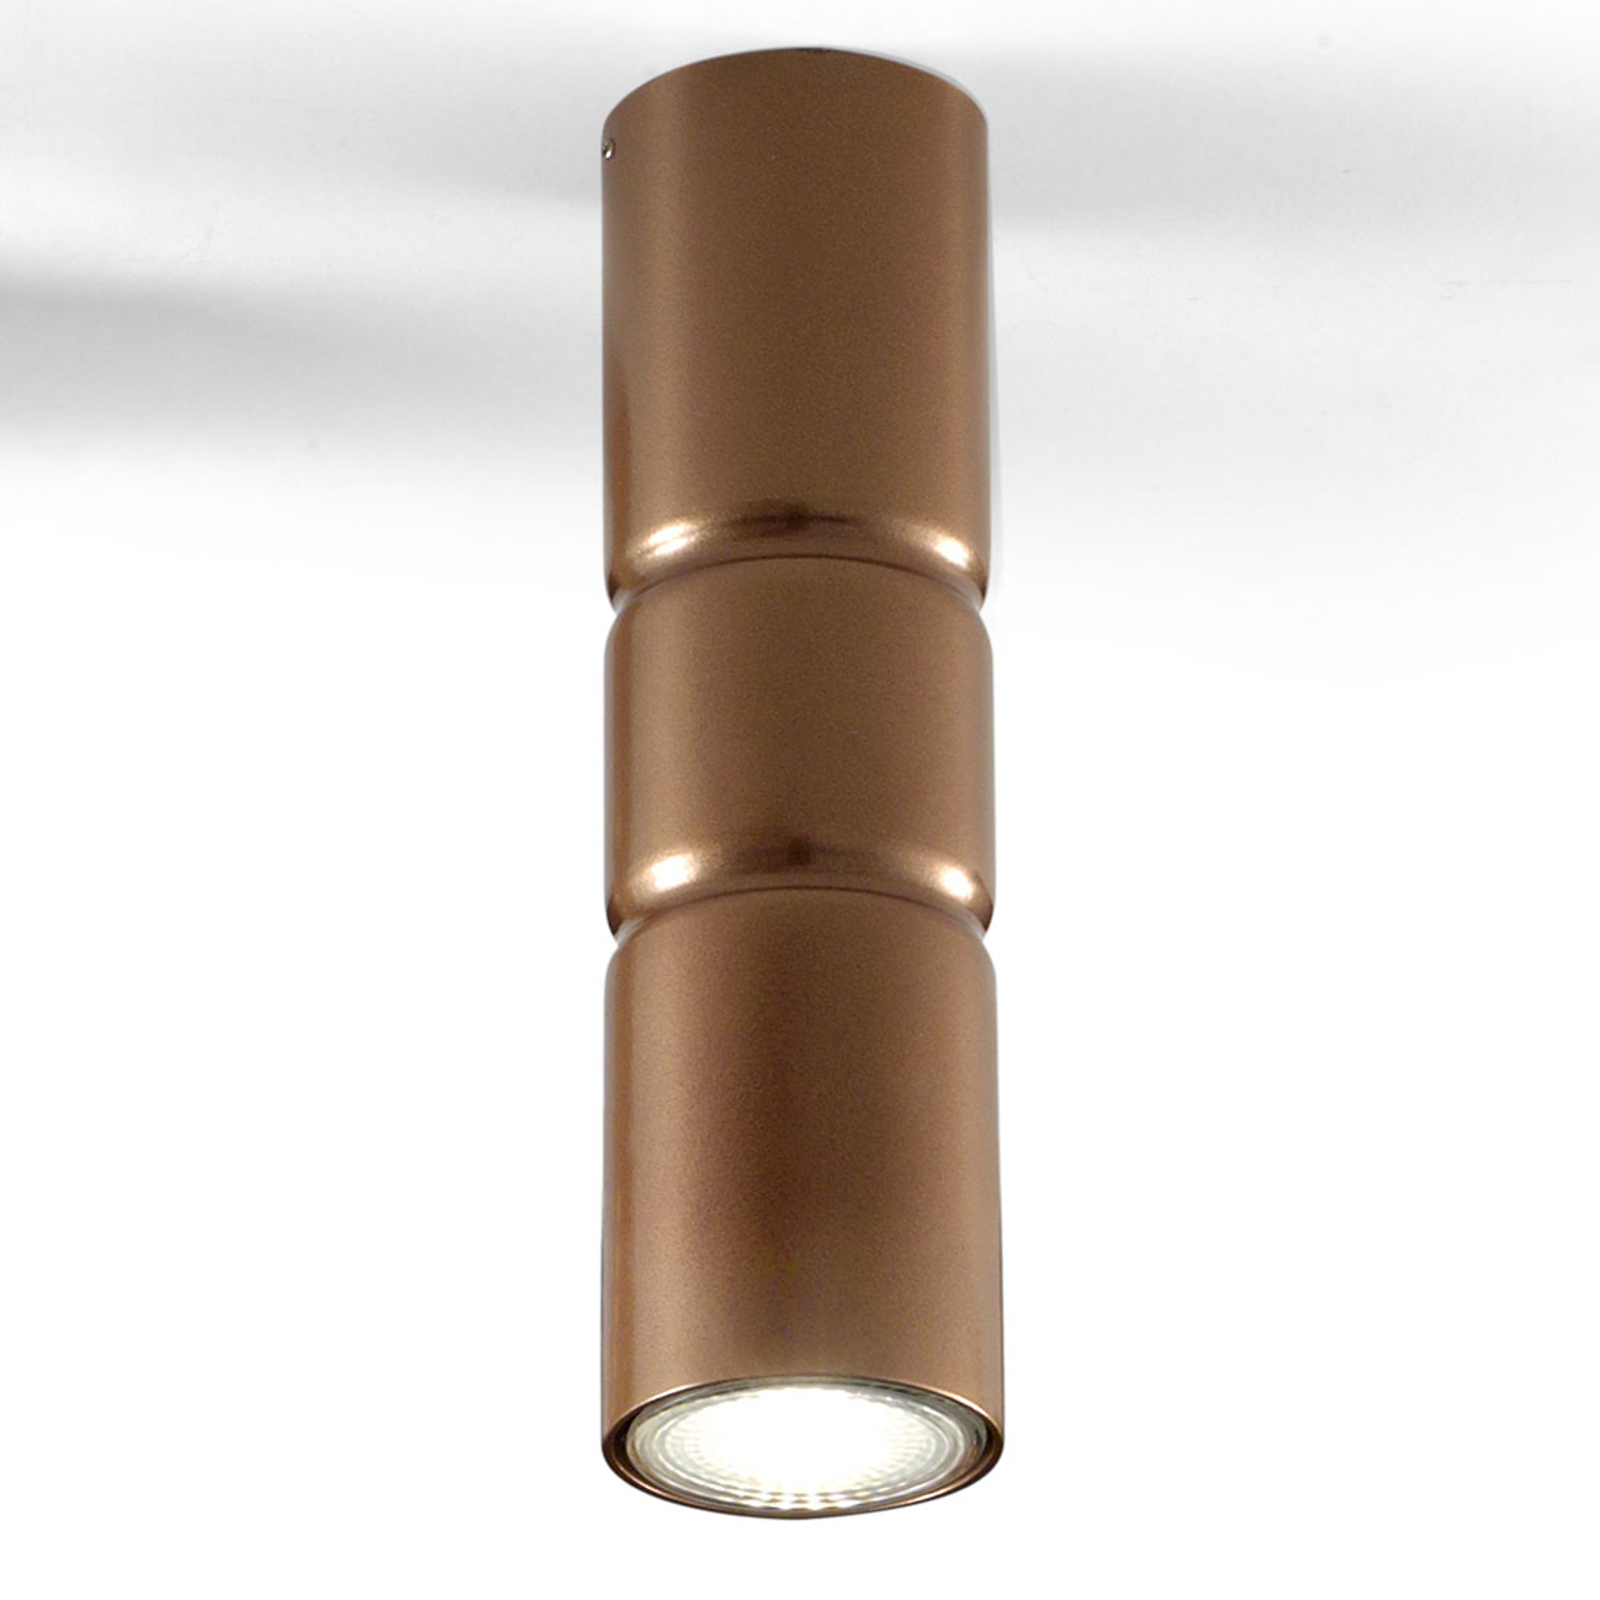 Lampa sufitowa Turbo, stała, brązowa